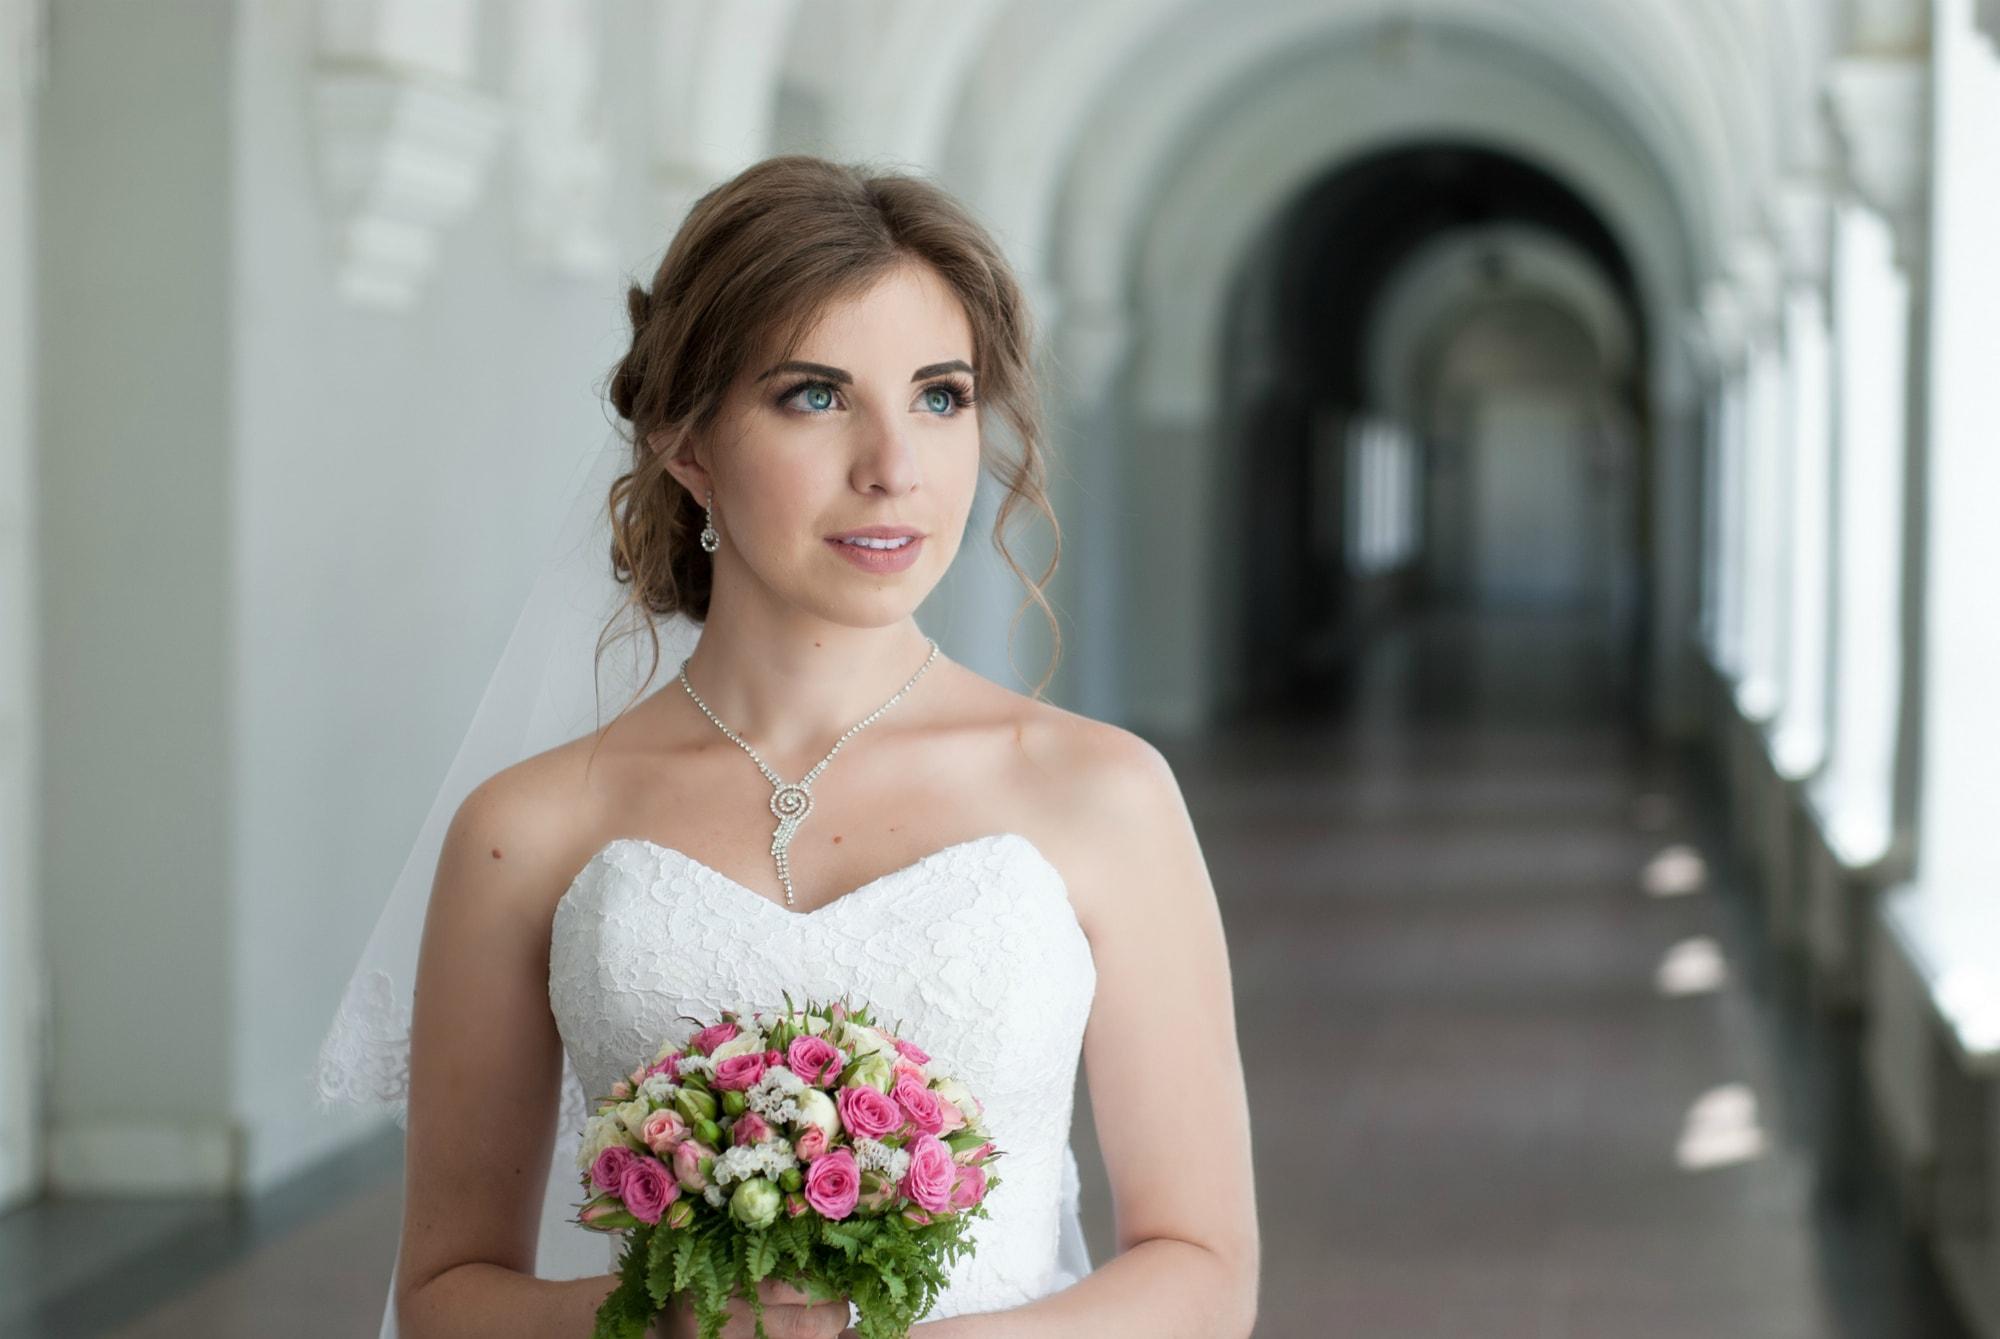 Свадебная фотосессия в университете - Фотограф Киев - Женя Лайт